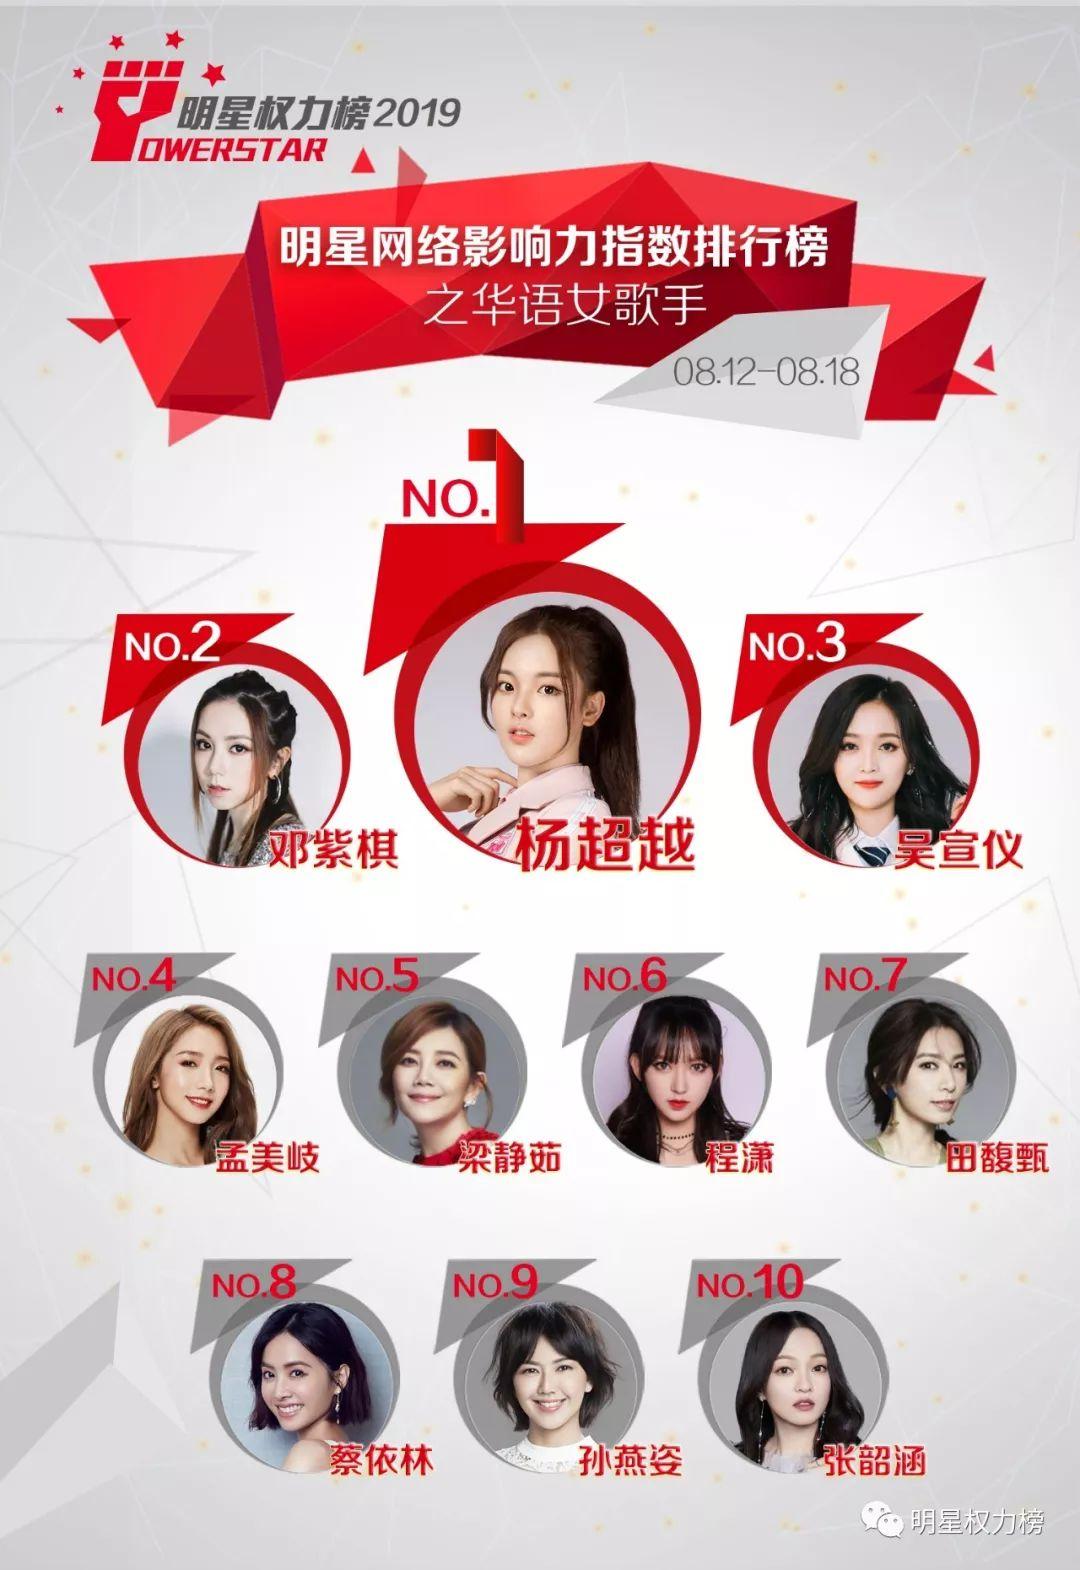 明星网络影响力指数排行榜第213期榜单之华语女歌手Top10